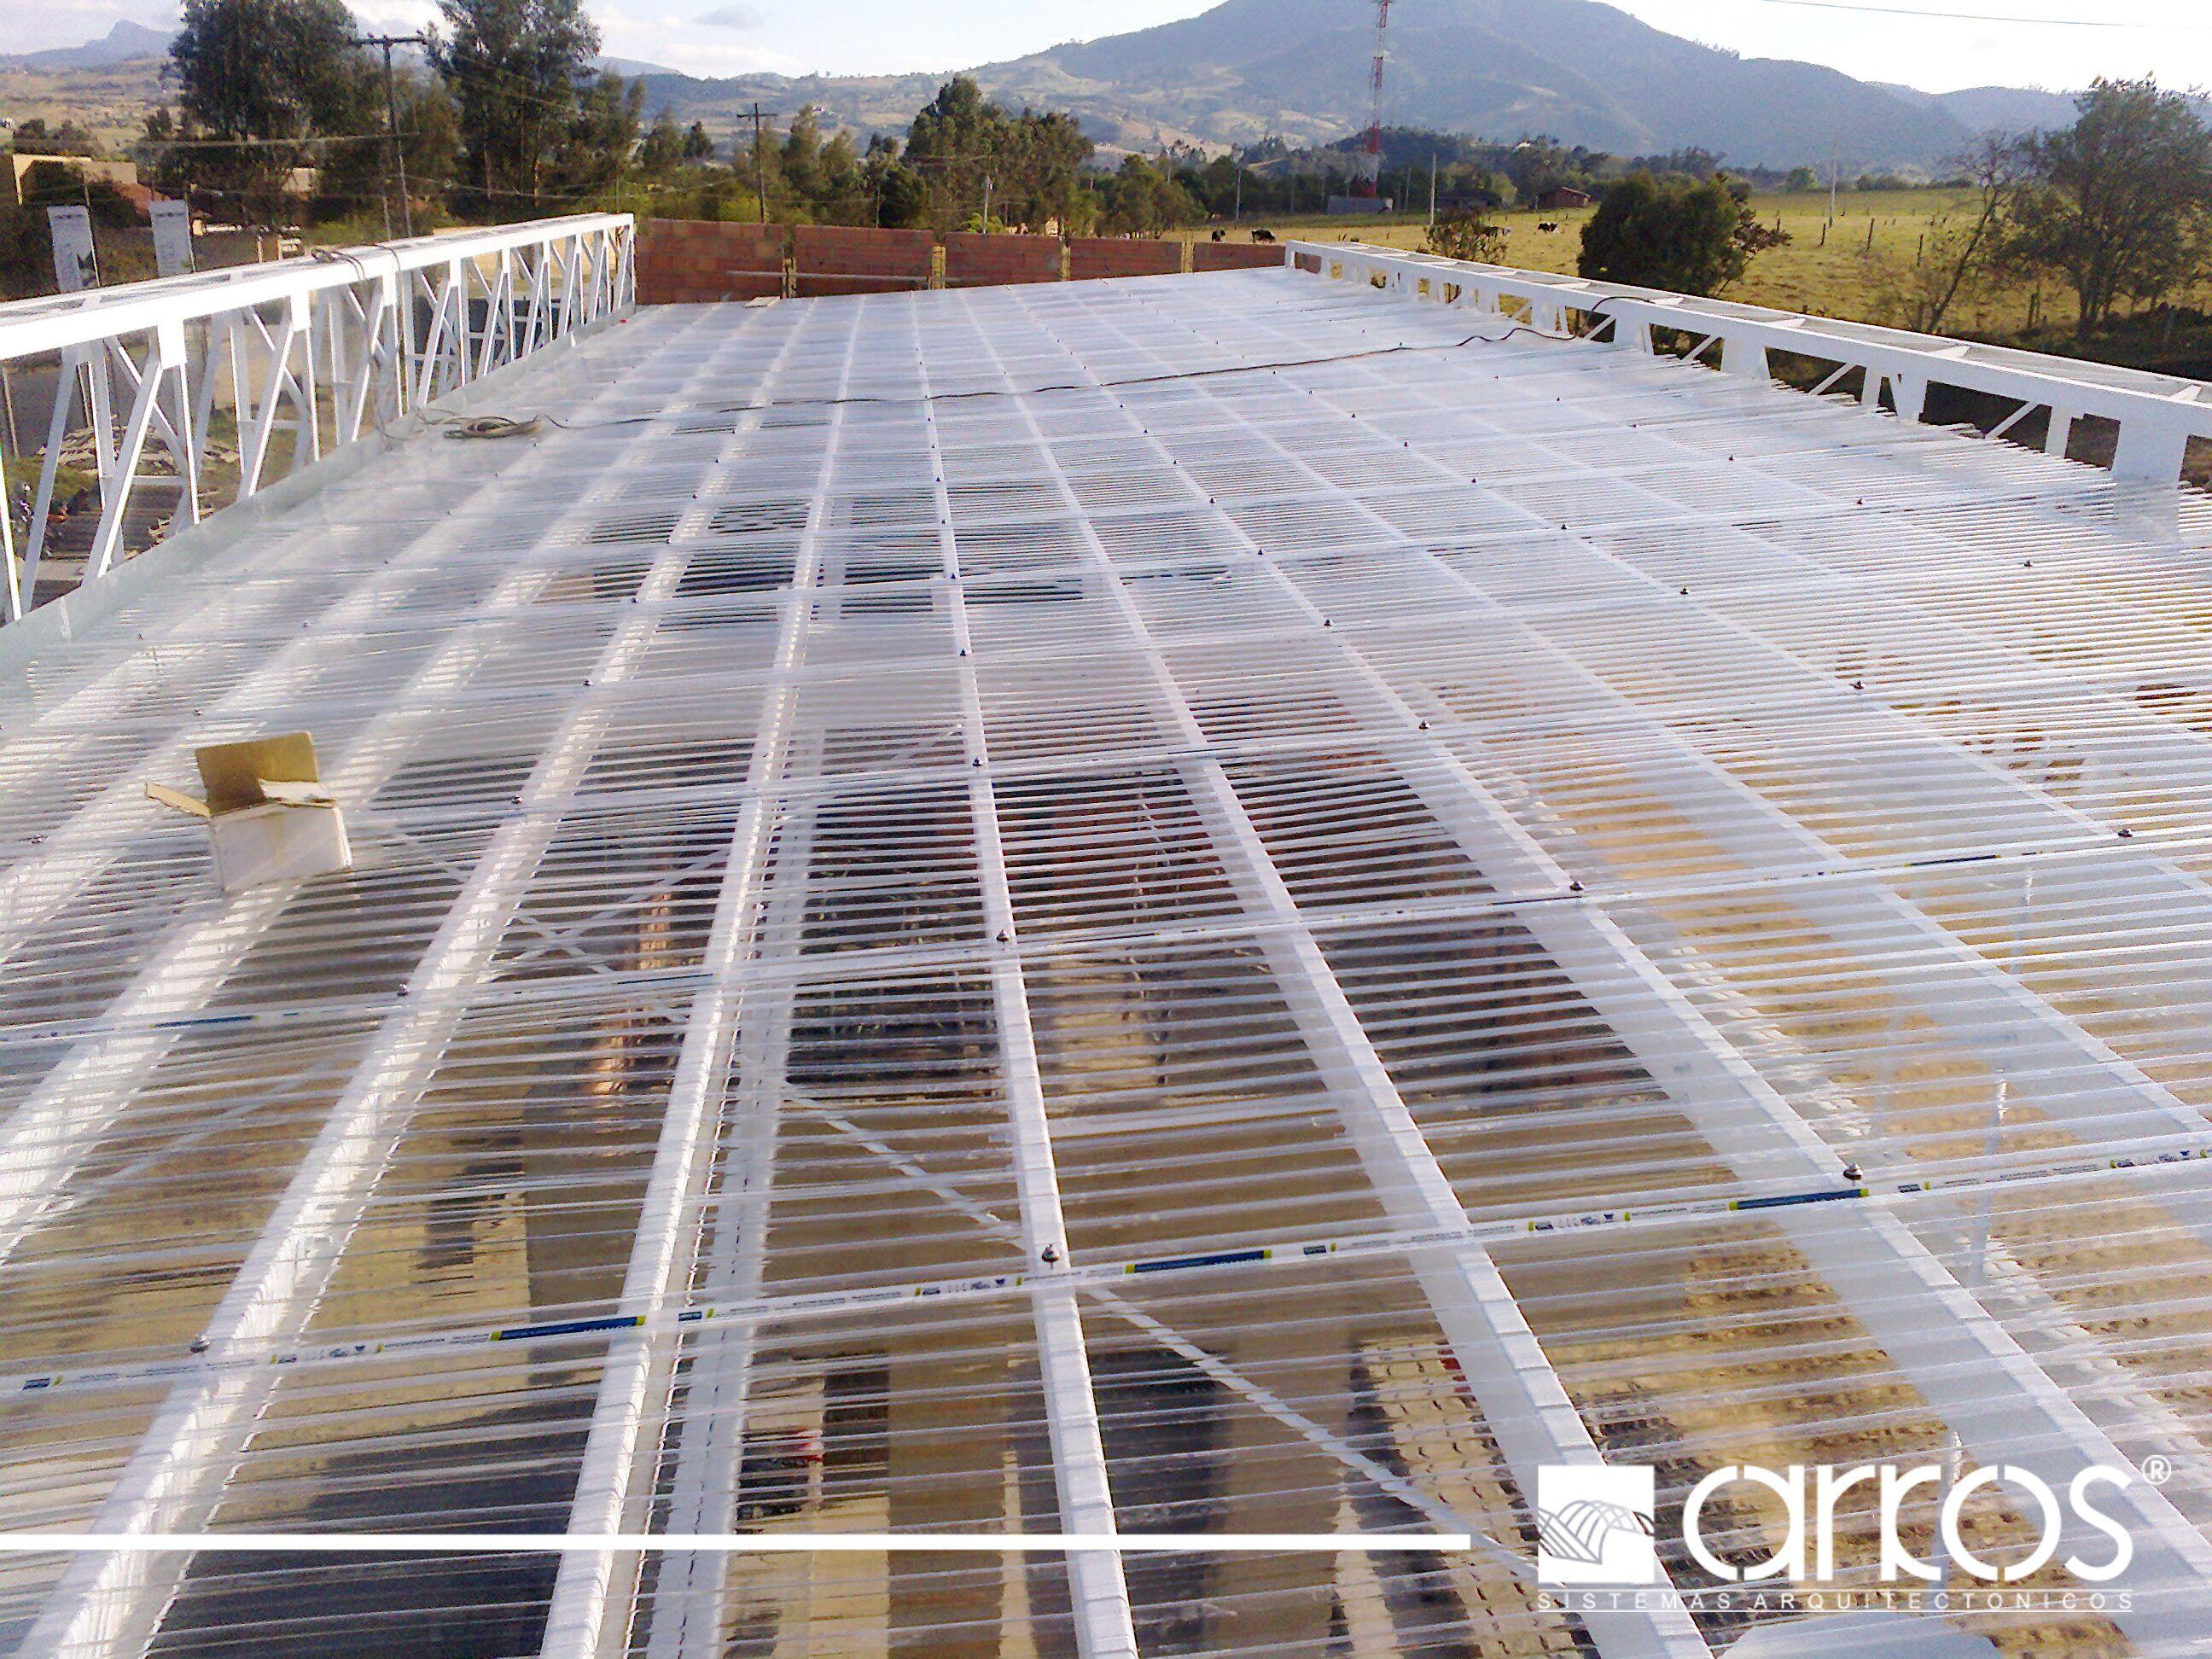 Cubierta en policarbonato cristal perfil teja greca cubiertas ecoroof y techos pinterest - Cubierta de cristal ...